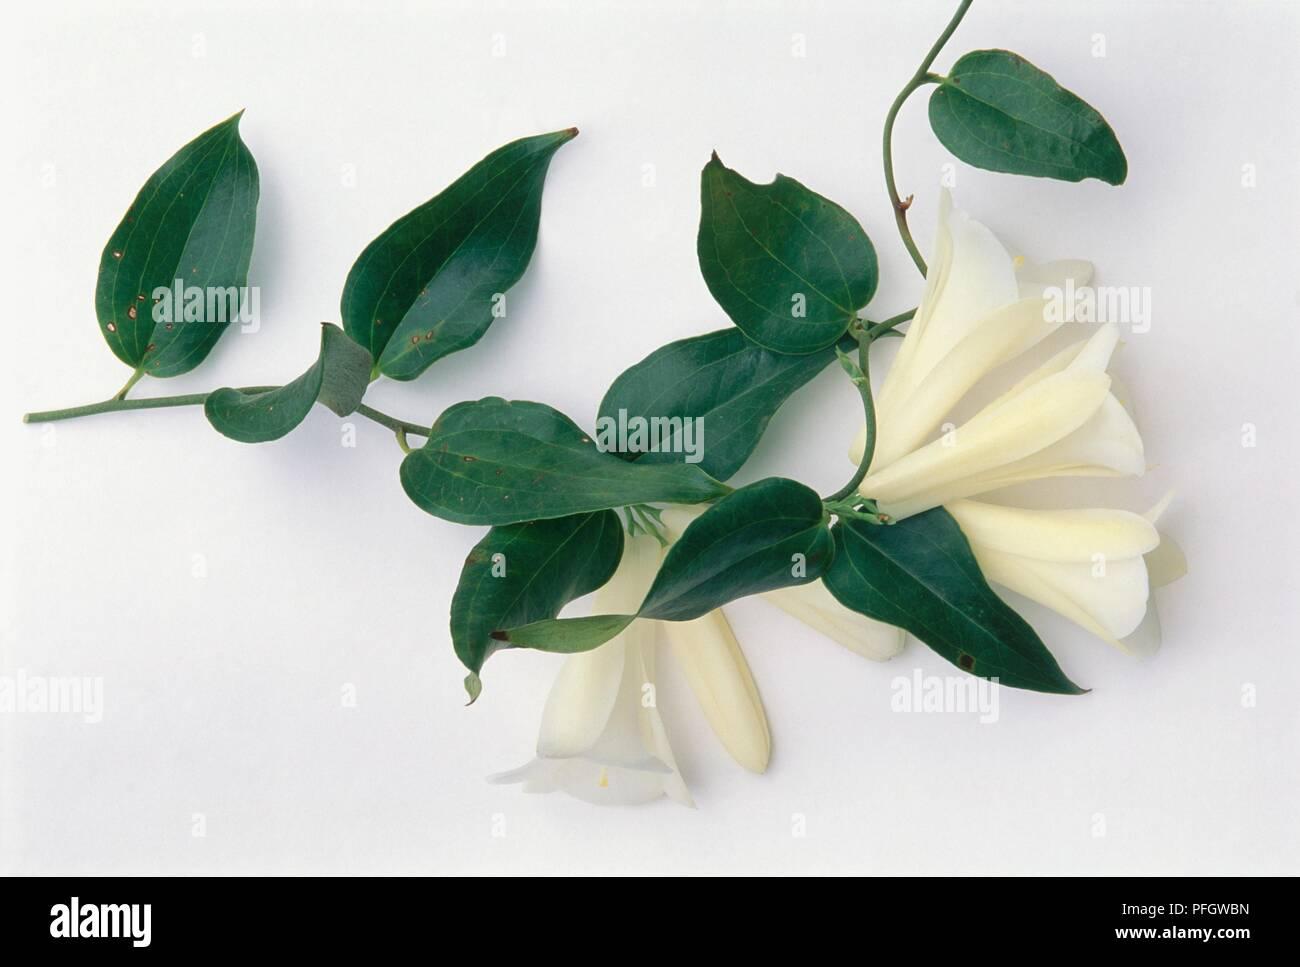 Fiori Bianchi Gambo Lungo.Lapageria Rosea Var Albiflora Campanula Cileno Fiori Bianchi E